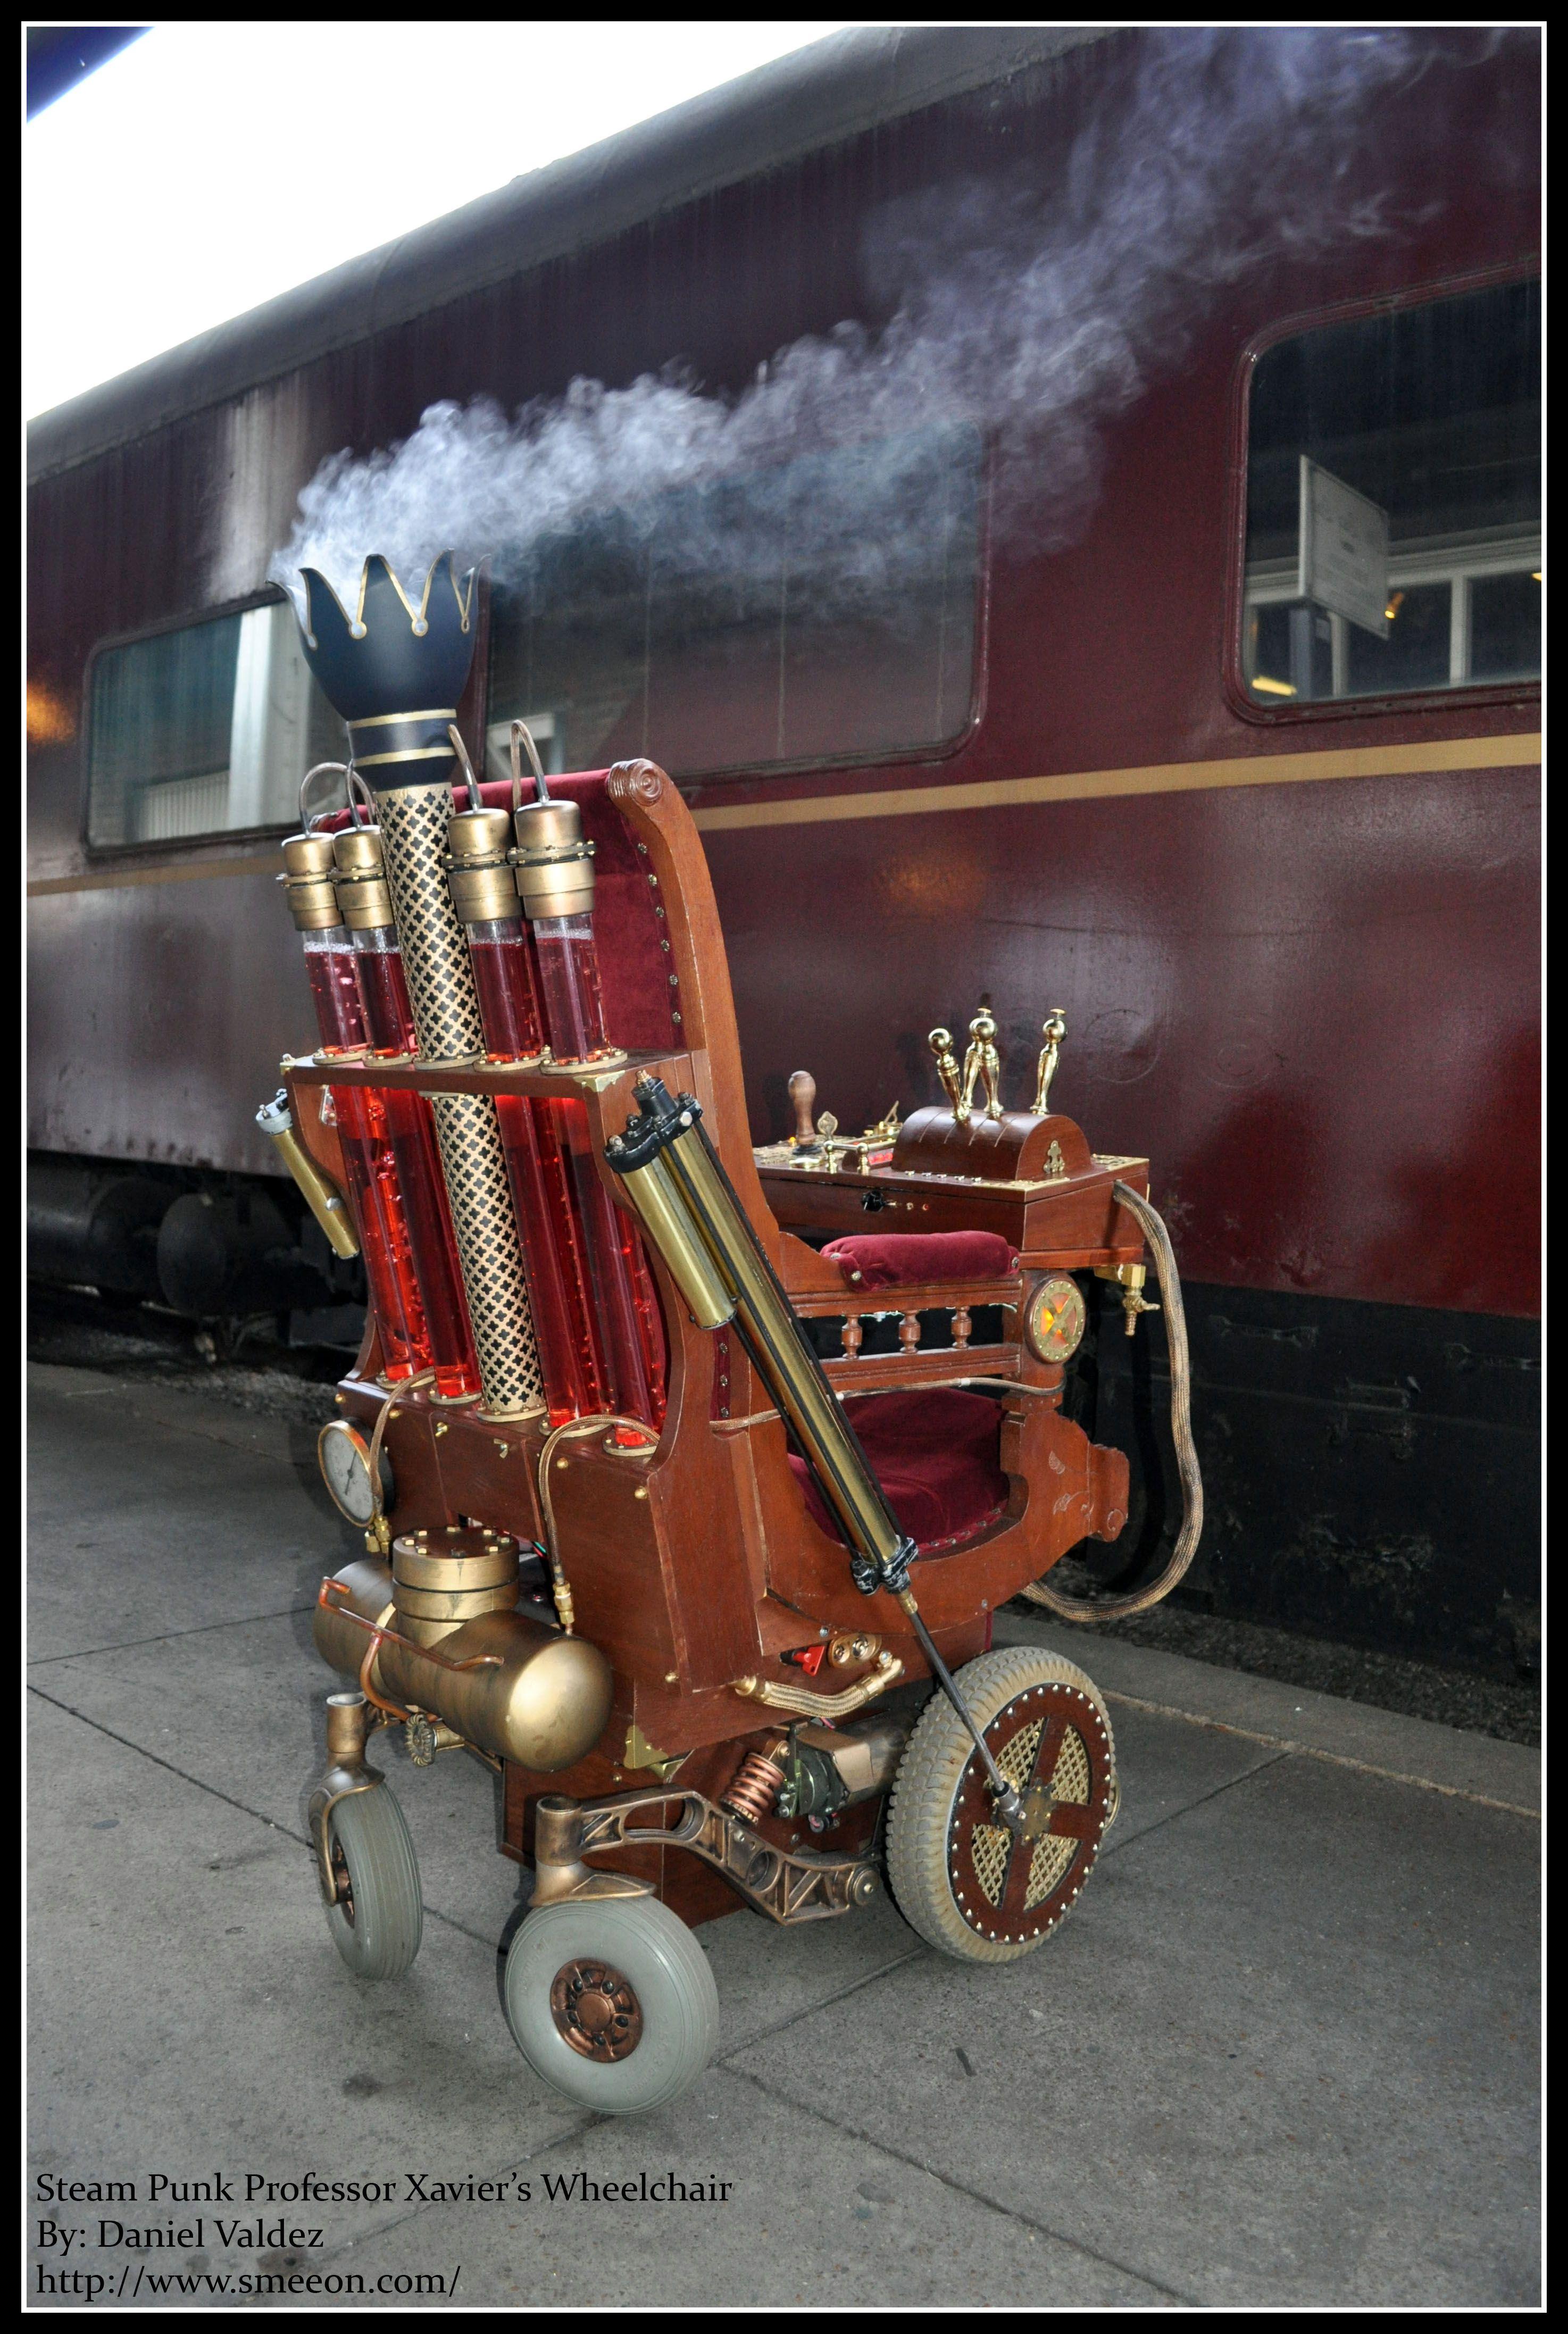 Antique Wheelchair - Steampunk Steampunk Wheelchair Project Details